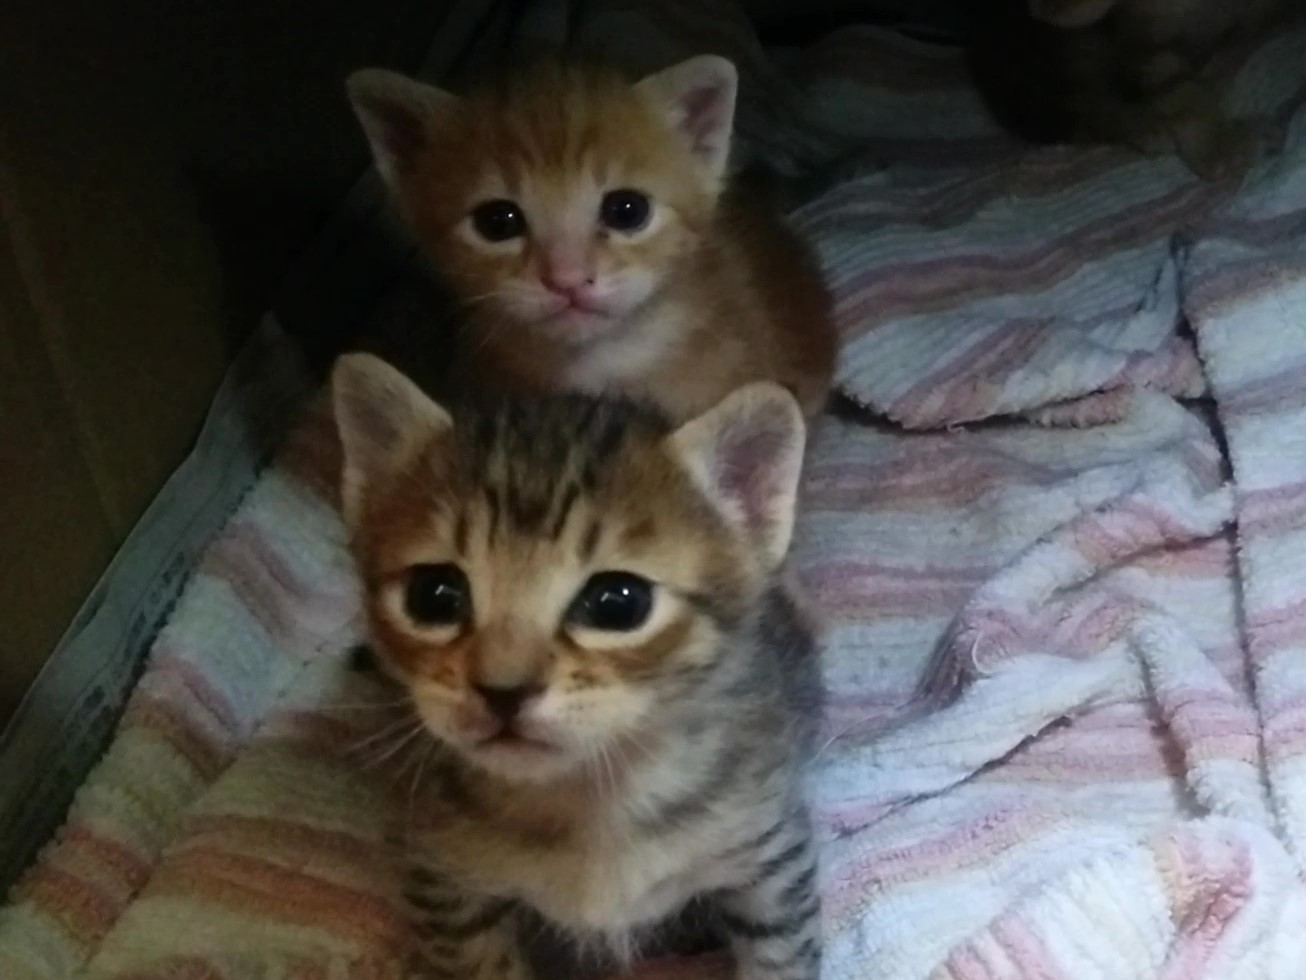 【動画】兄弟猫のなごみ映像セレクション